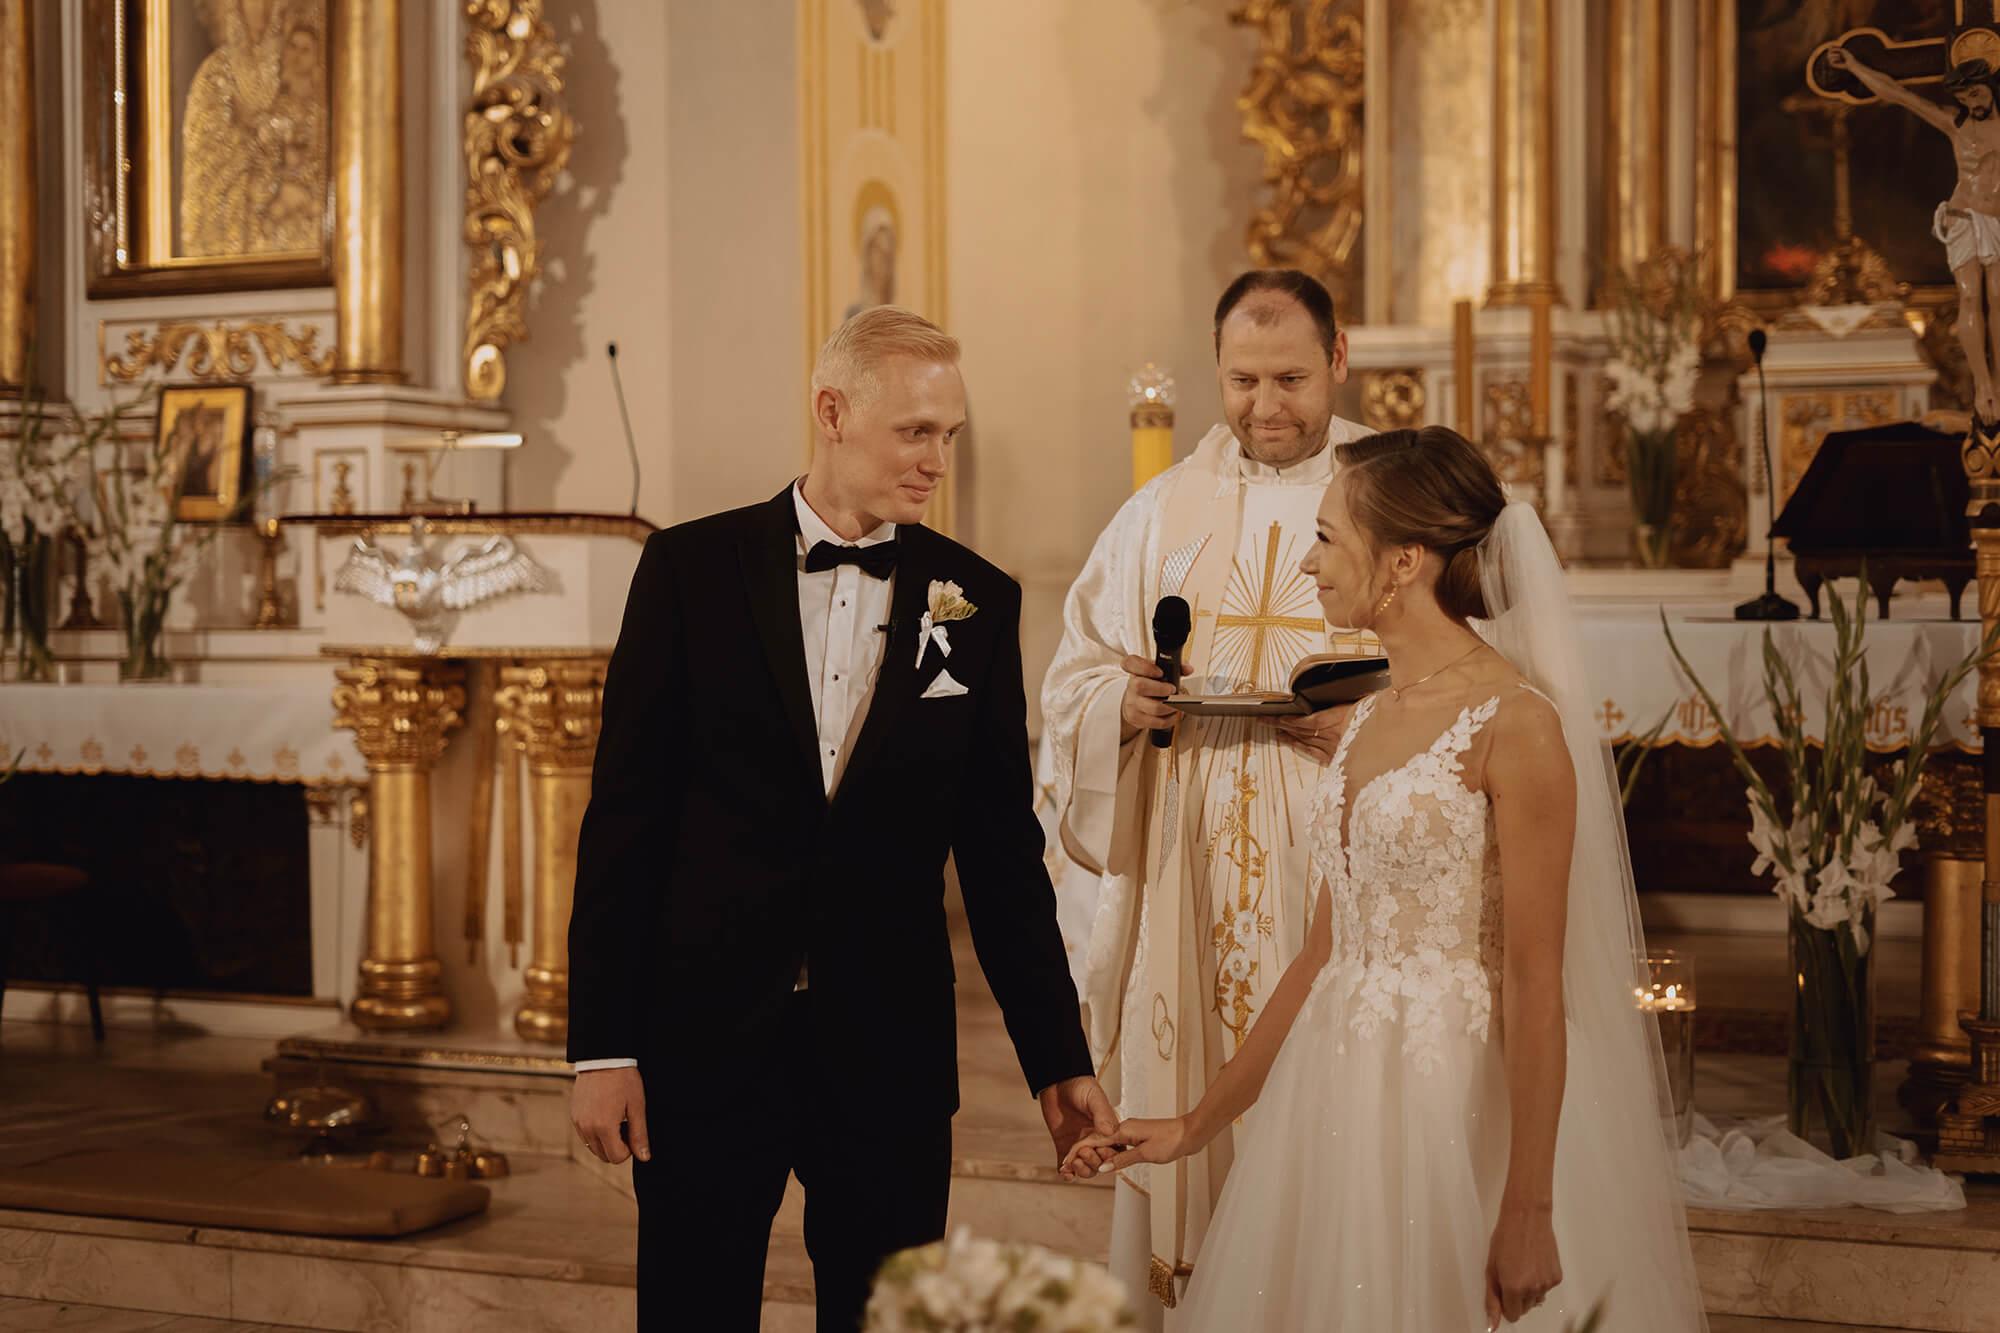 Slub wesele w dworze Hulanka00069 - Ola + Maciej | wesele w Dworze Hulanka